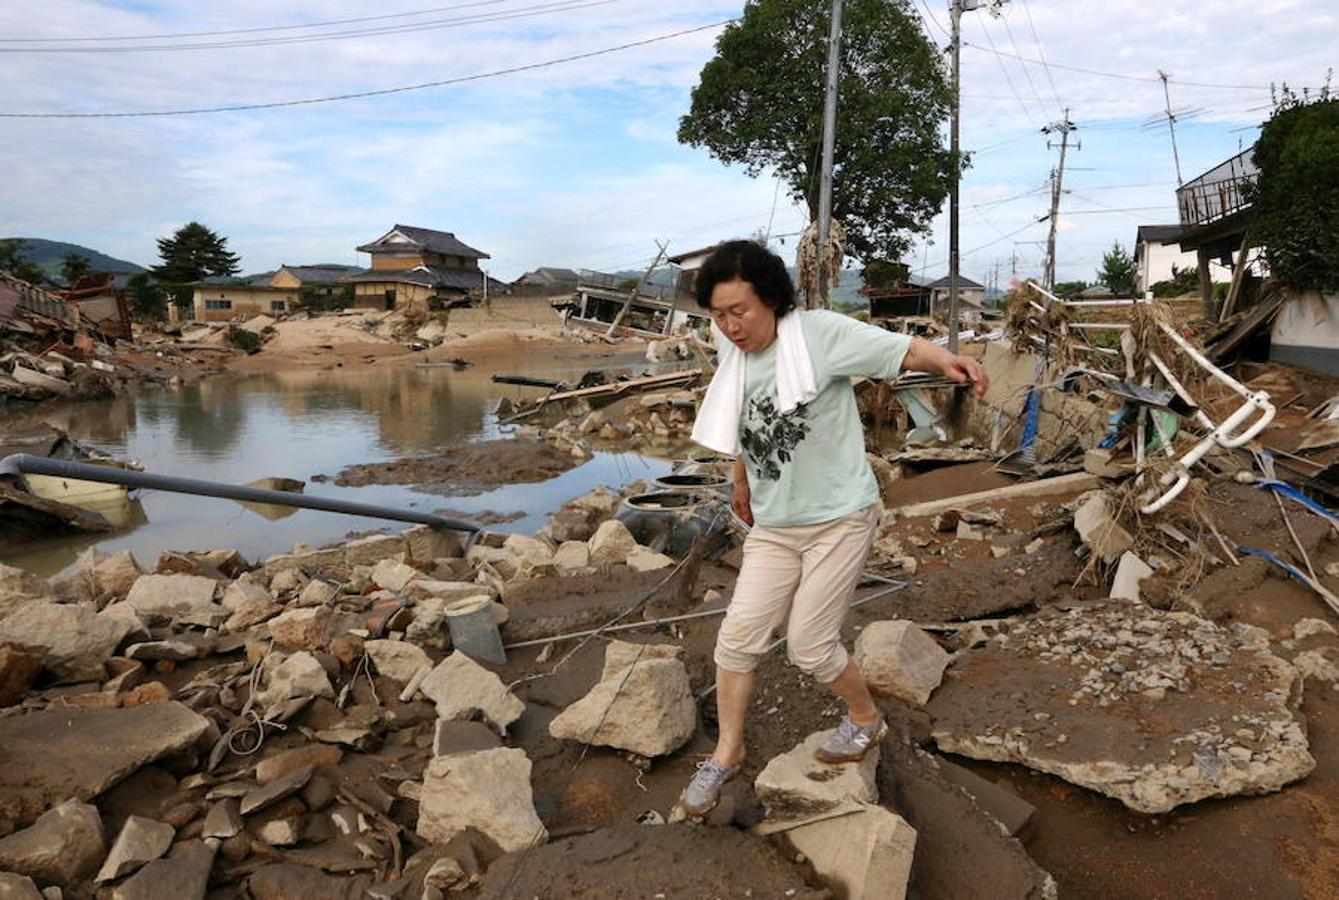 Una de las peores catástrofes naturales de las últimas décadas